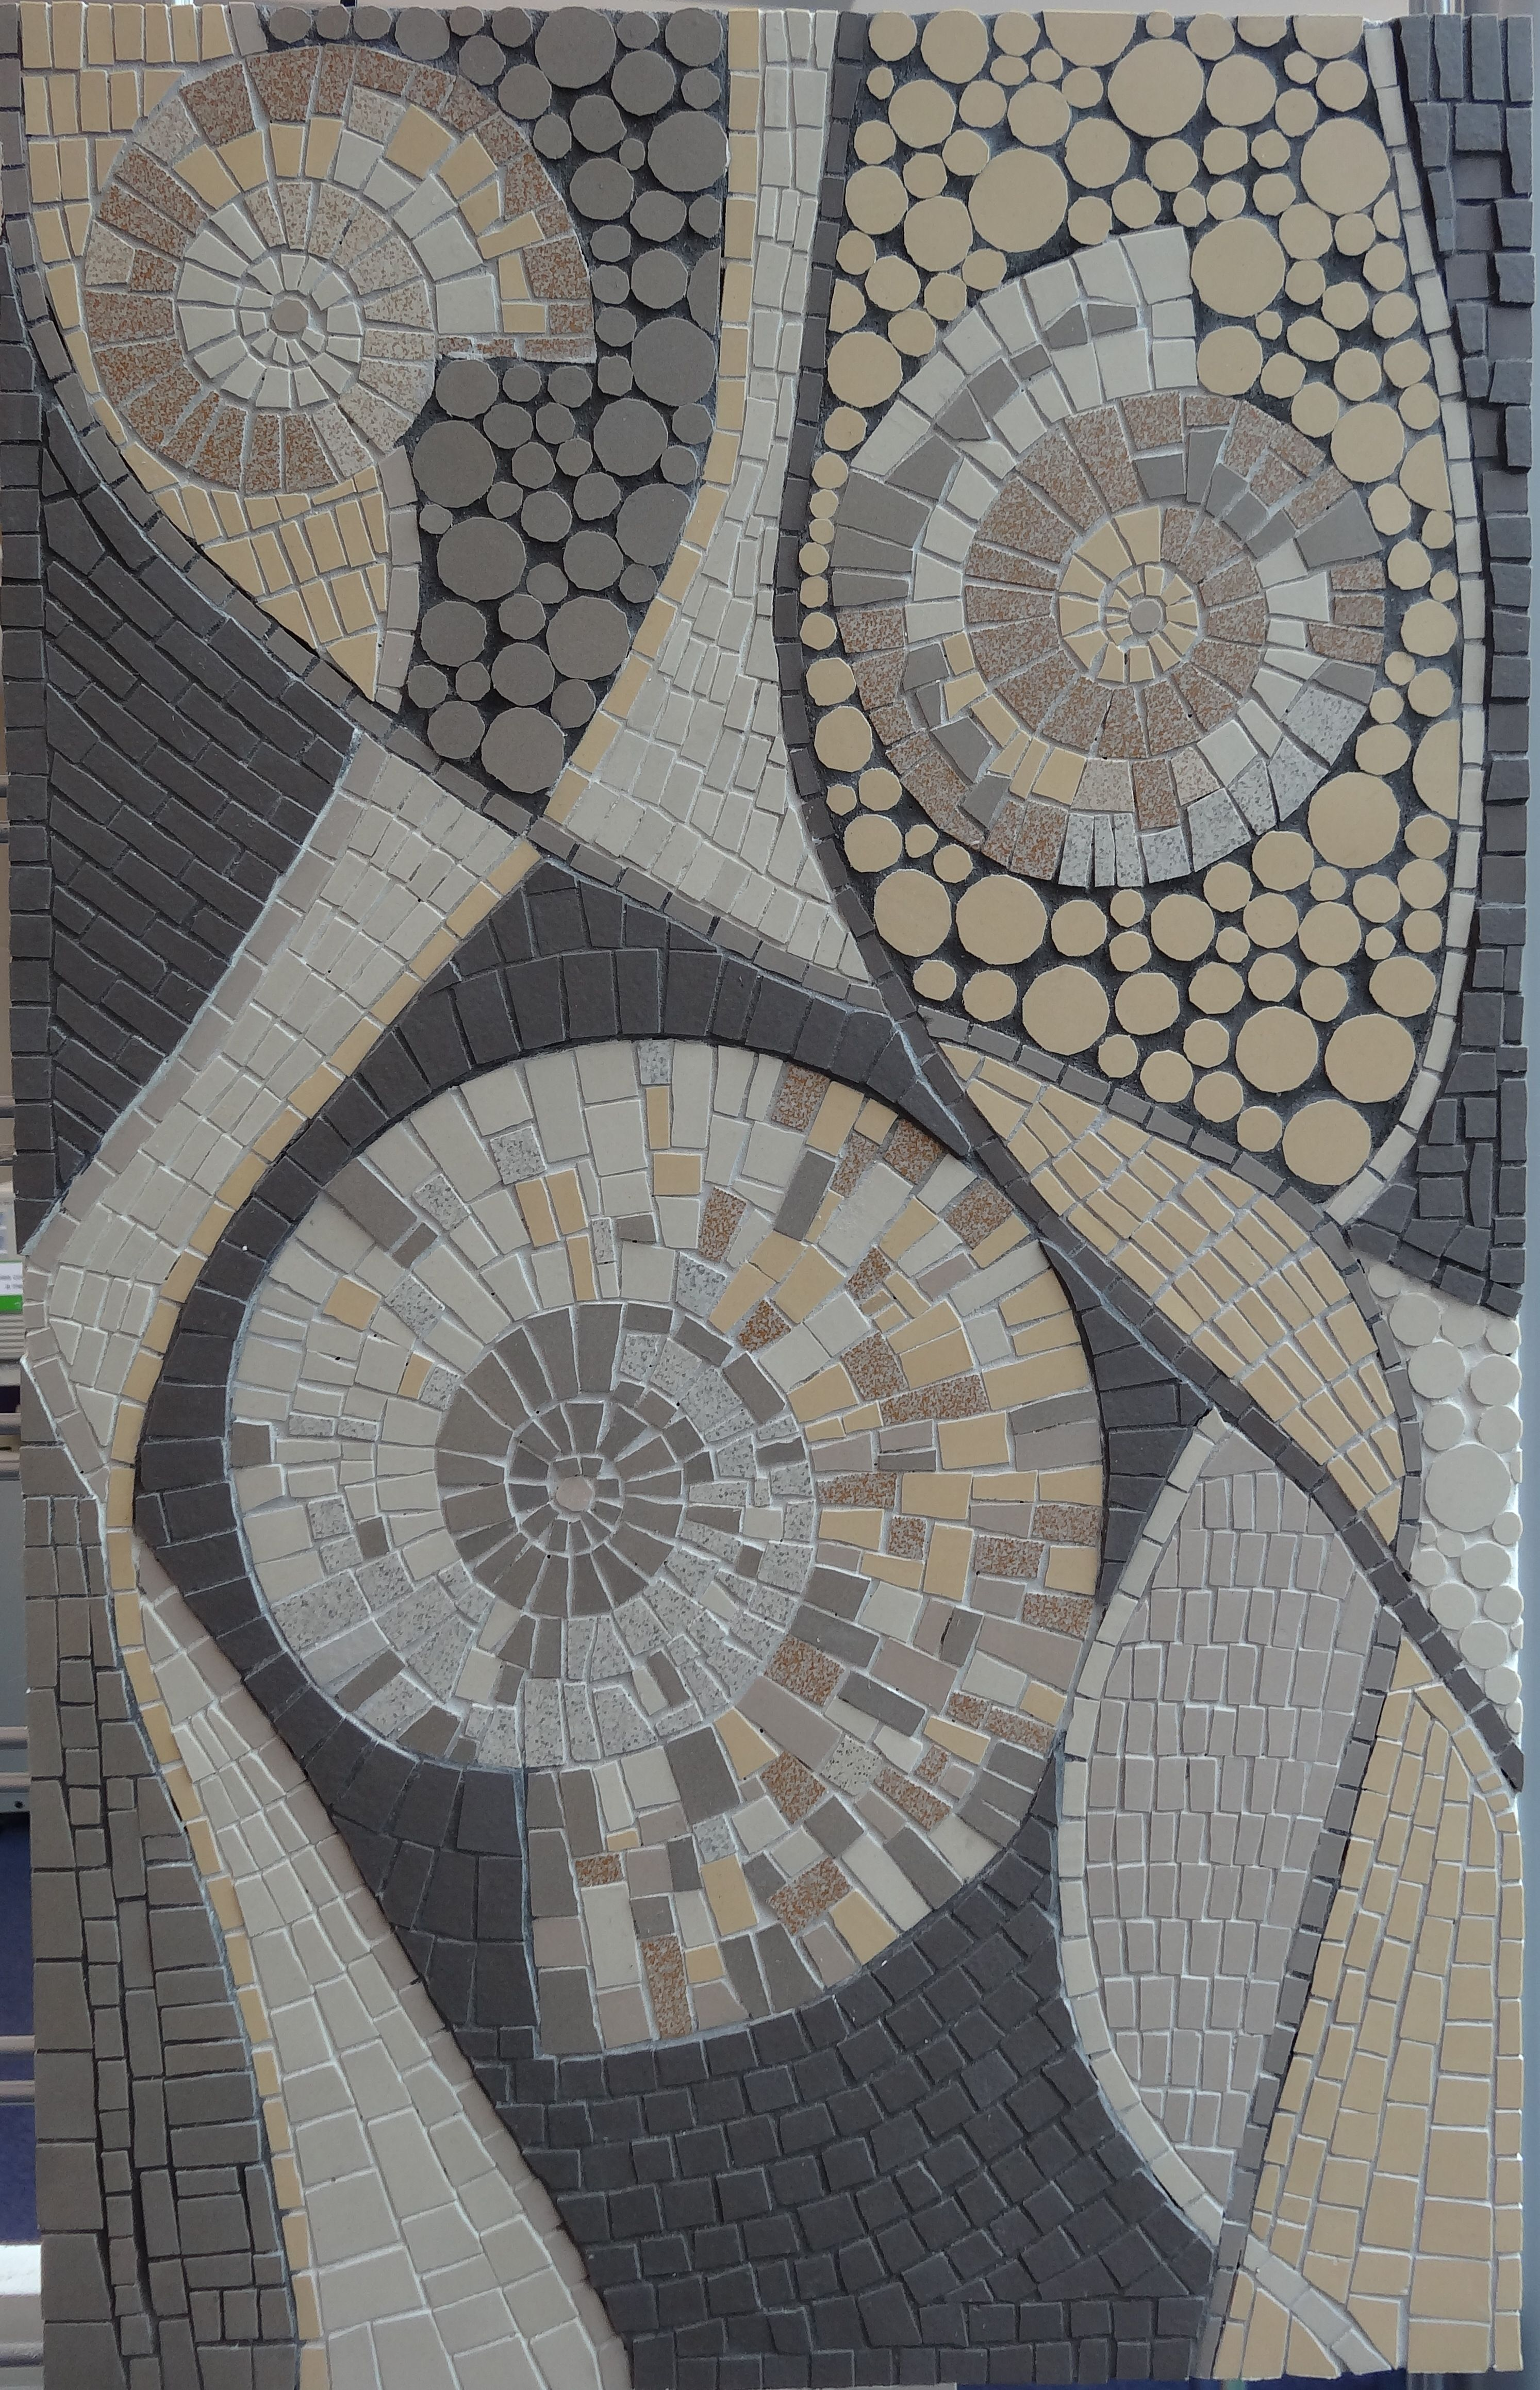 Mosaic exhibition in Saffron Walden